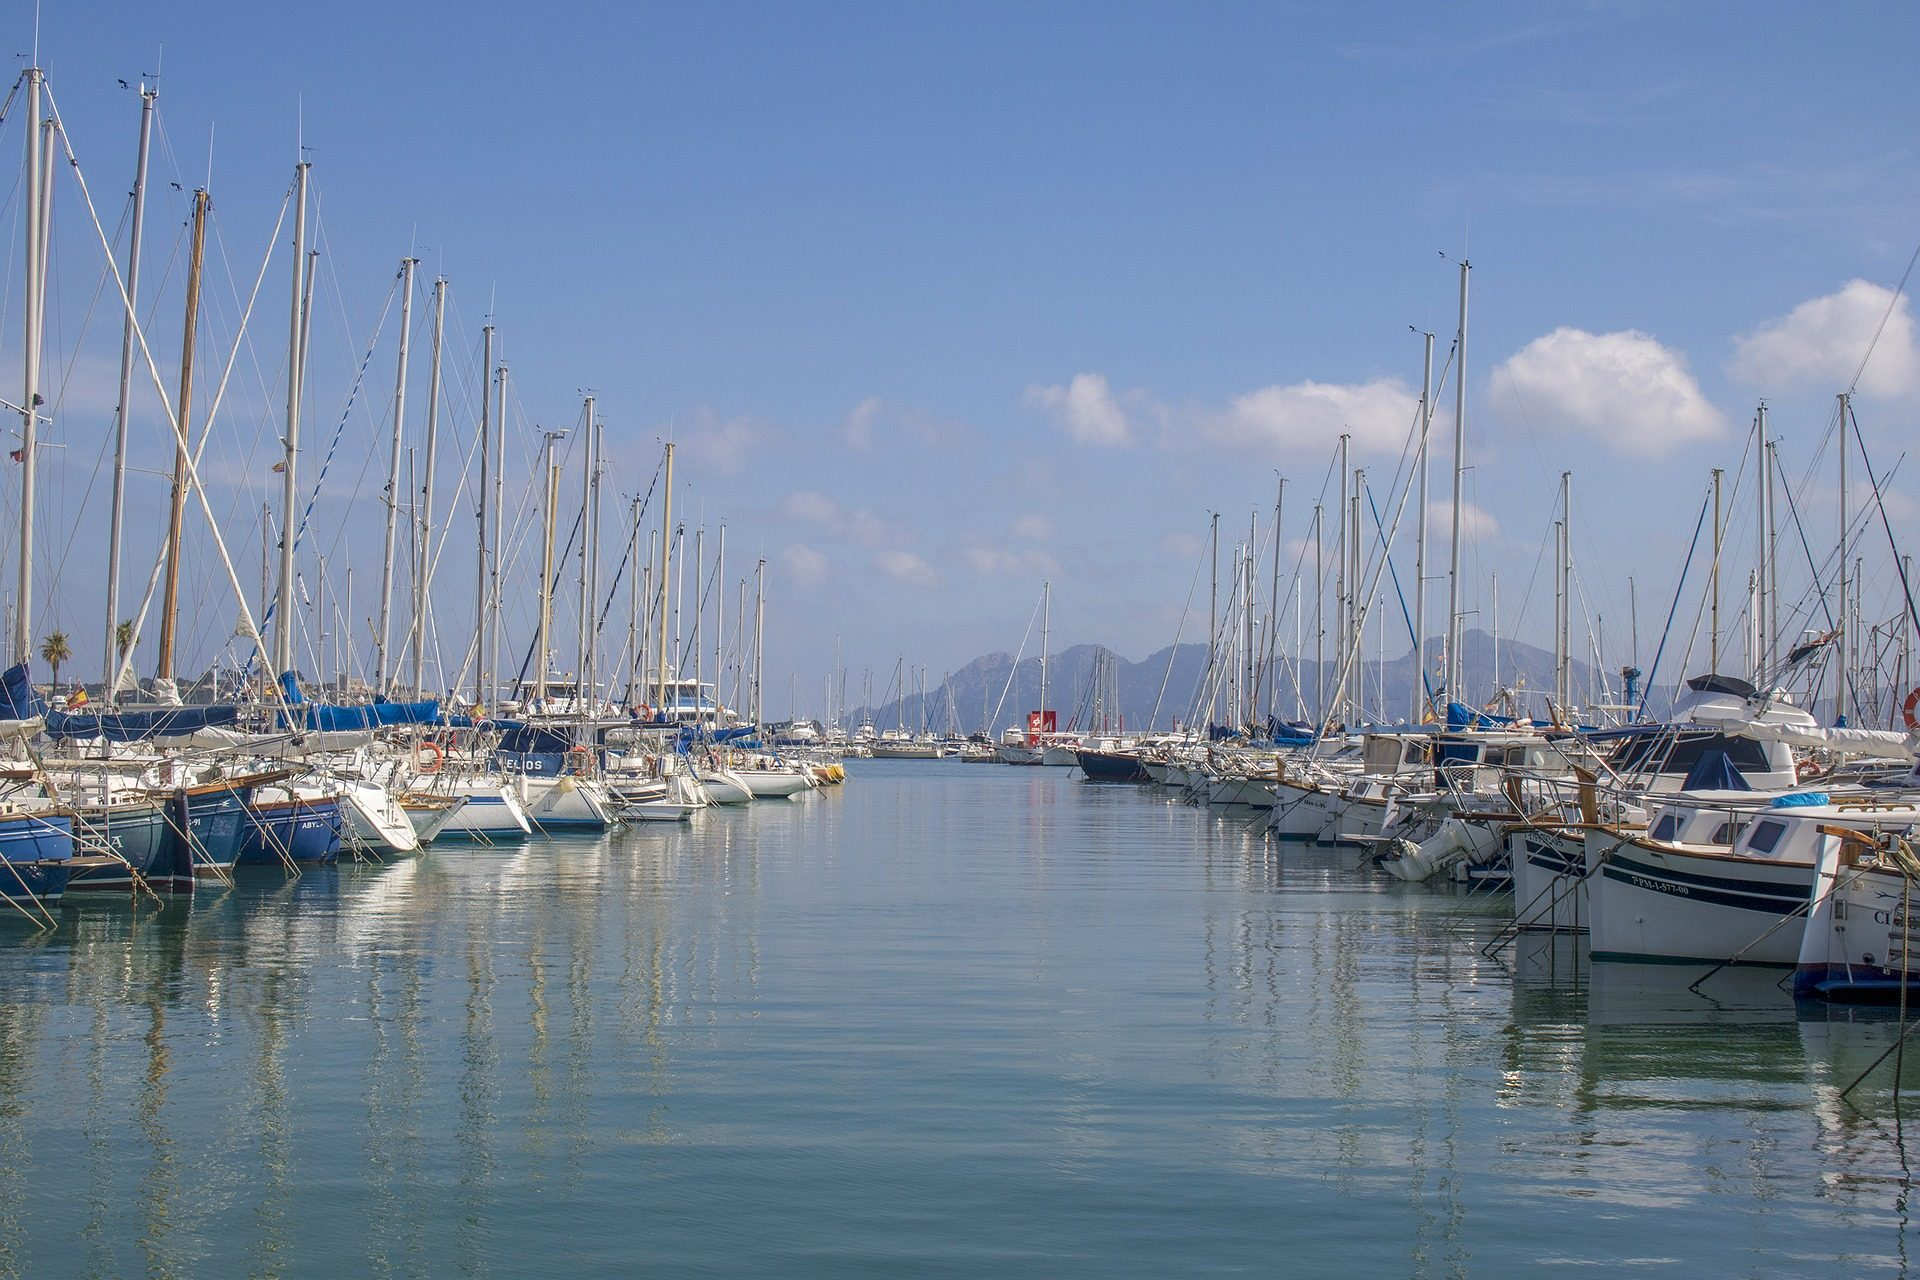 port, bateaux, Embarcadero, Mer, yachts, Mallorca - Fonds d'écran HD - Professor-falken.com